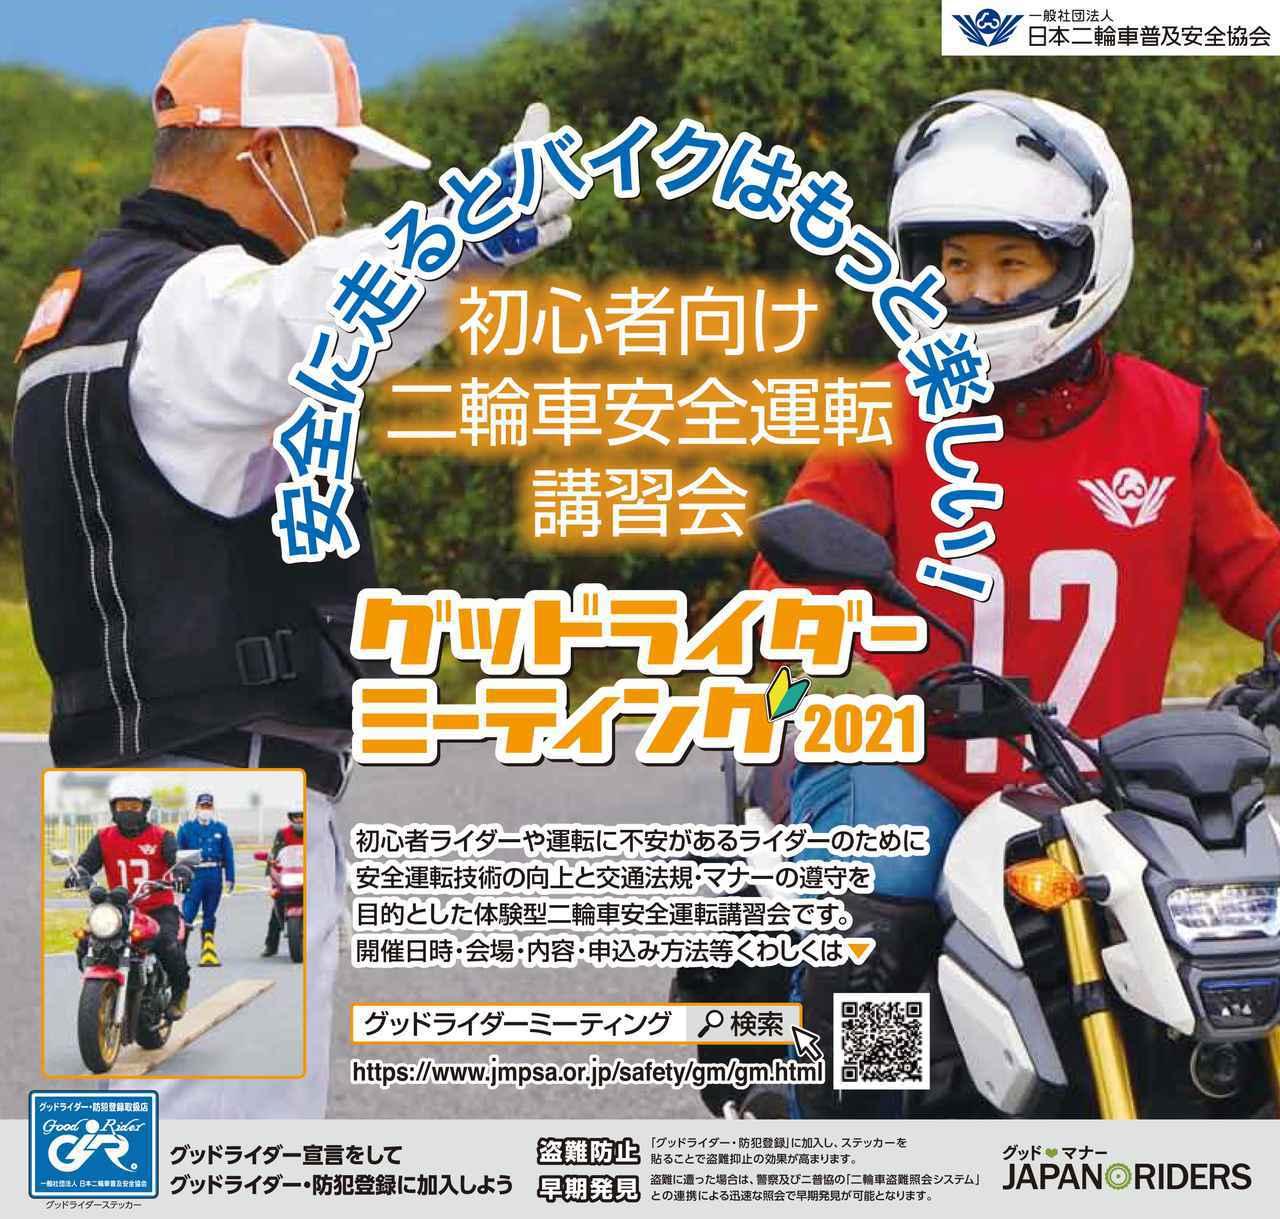 画像: 二輪車安全運転講習「Gミーティング」 2021年度は全112回開催を予定